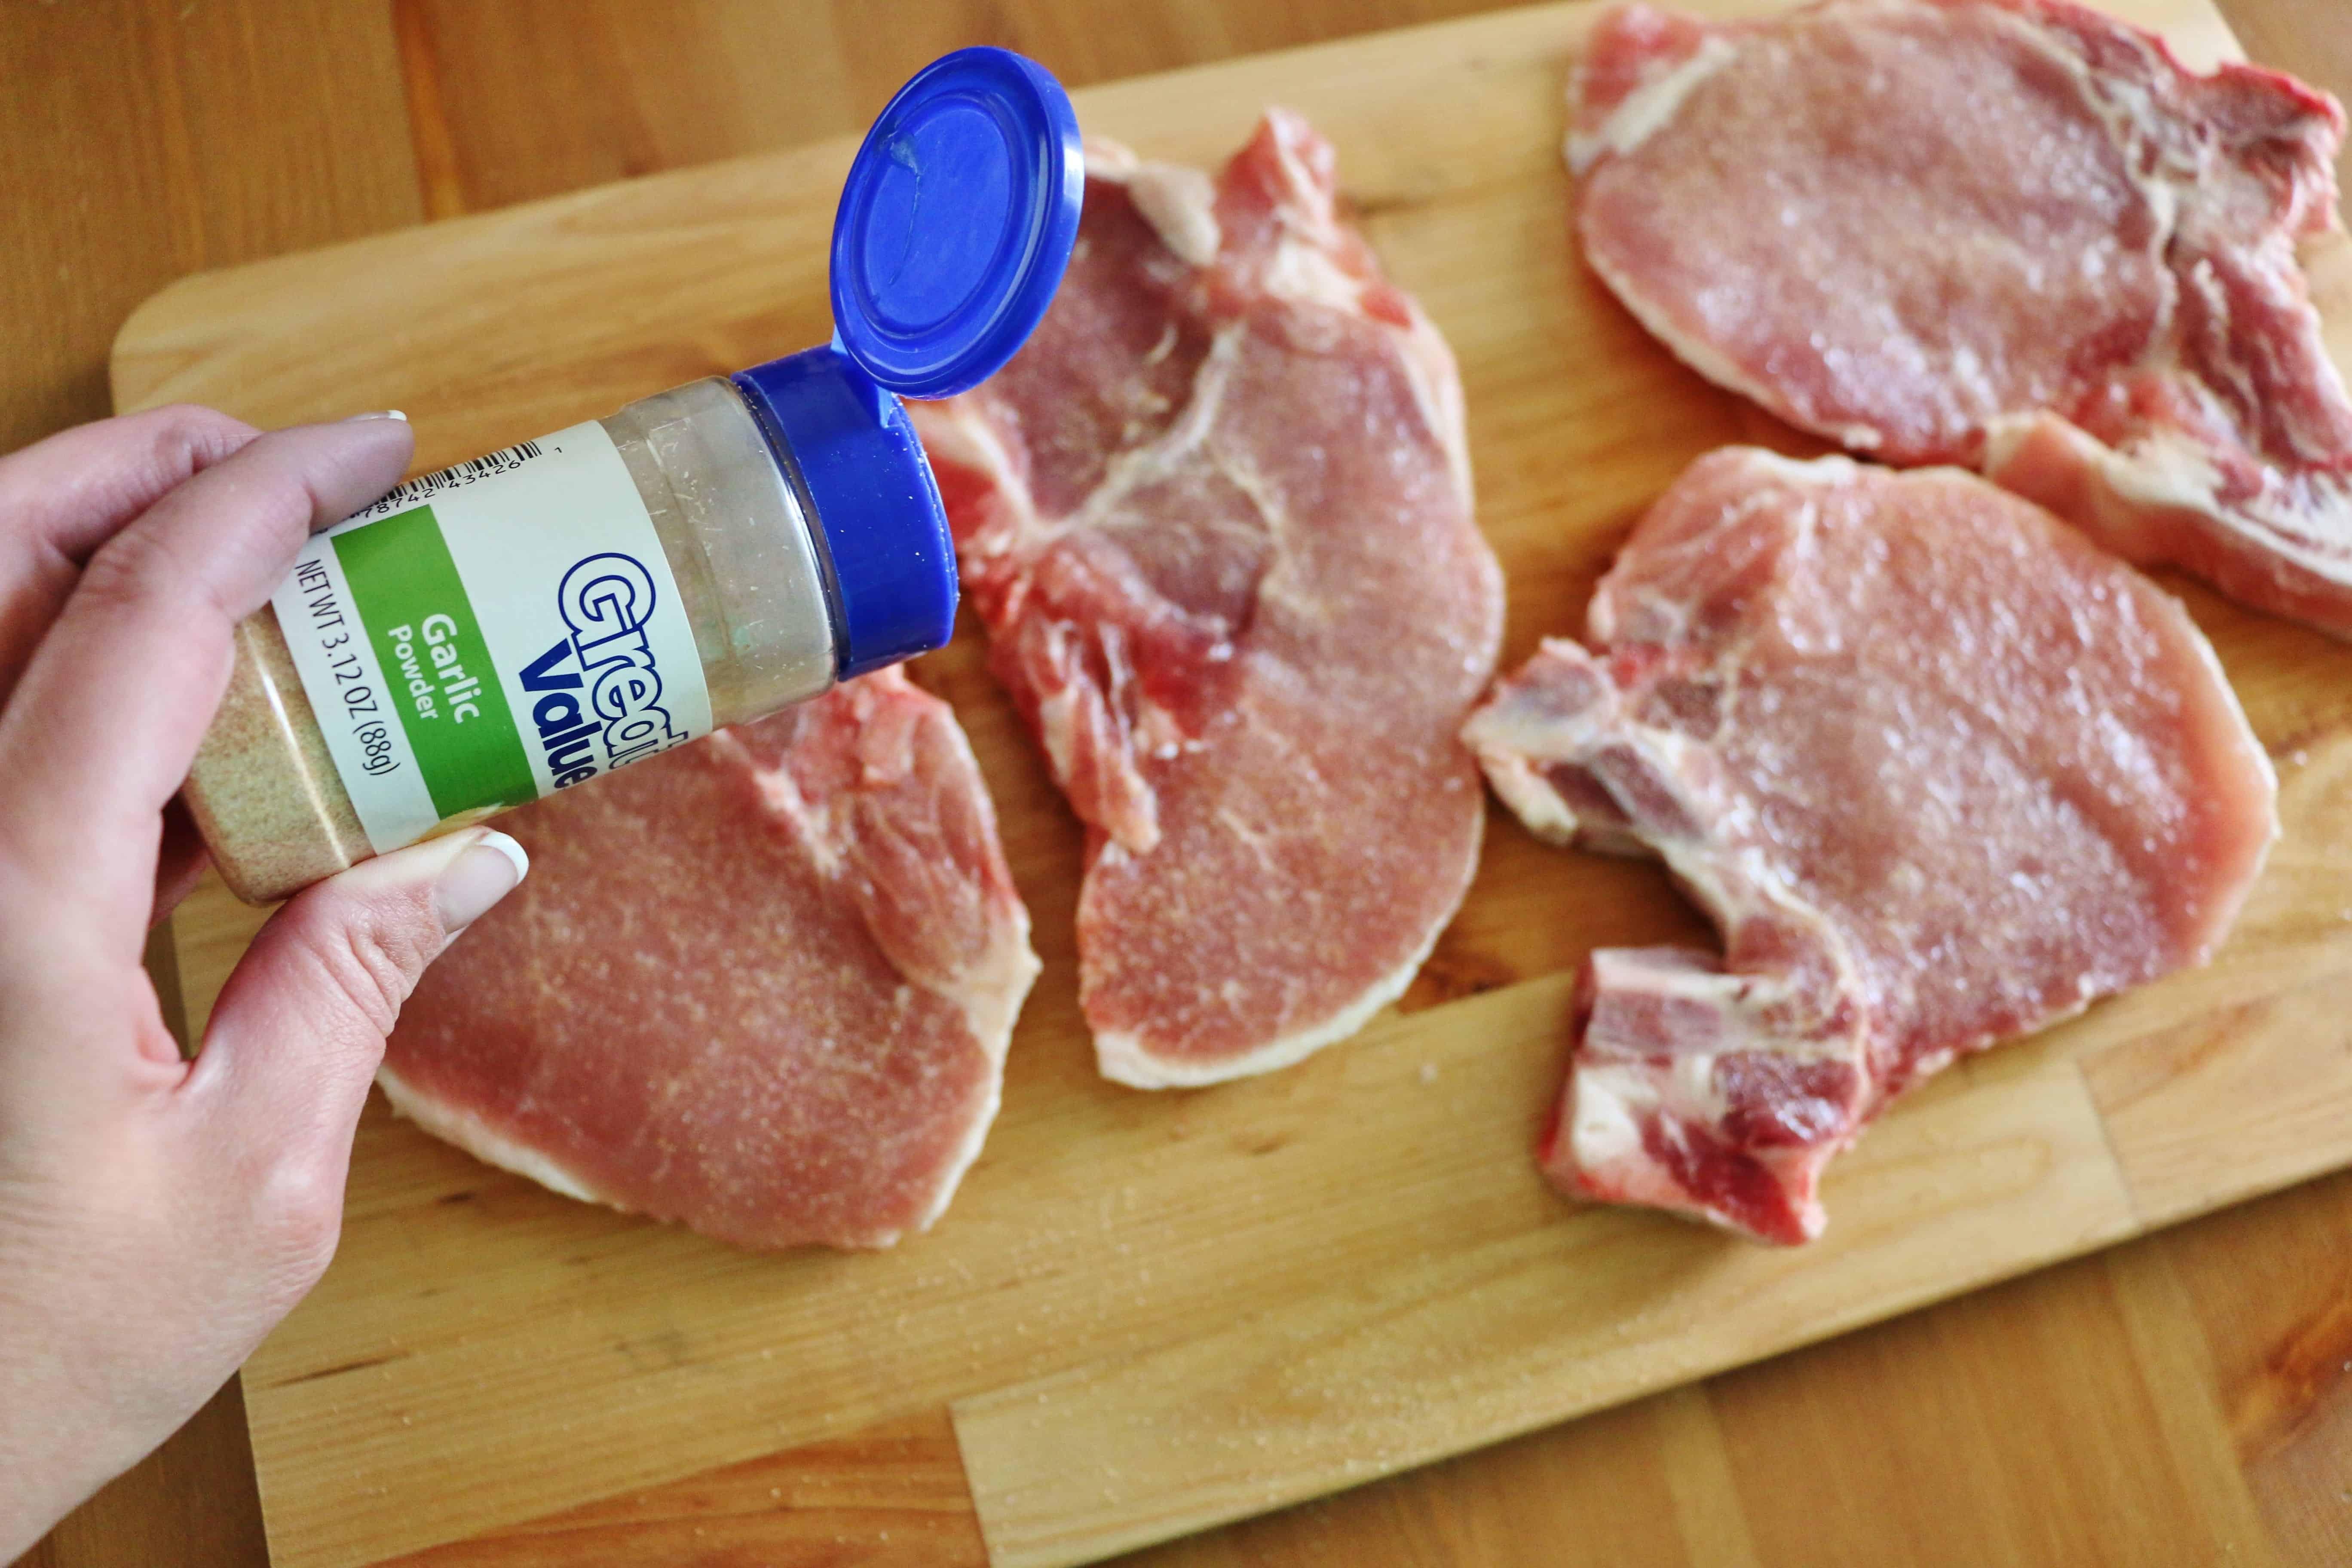 sprinkling pork chops with garlic powder.